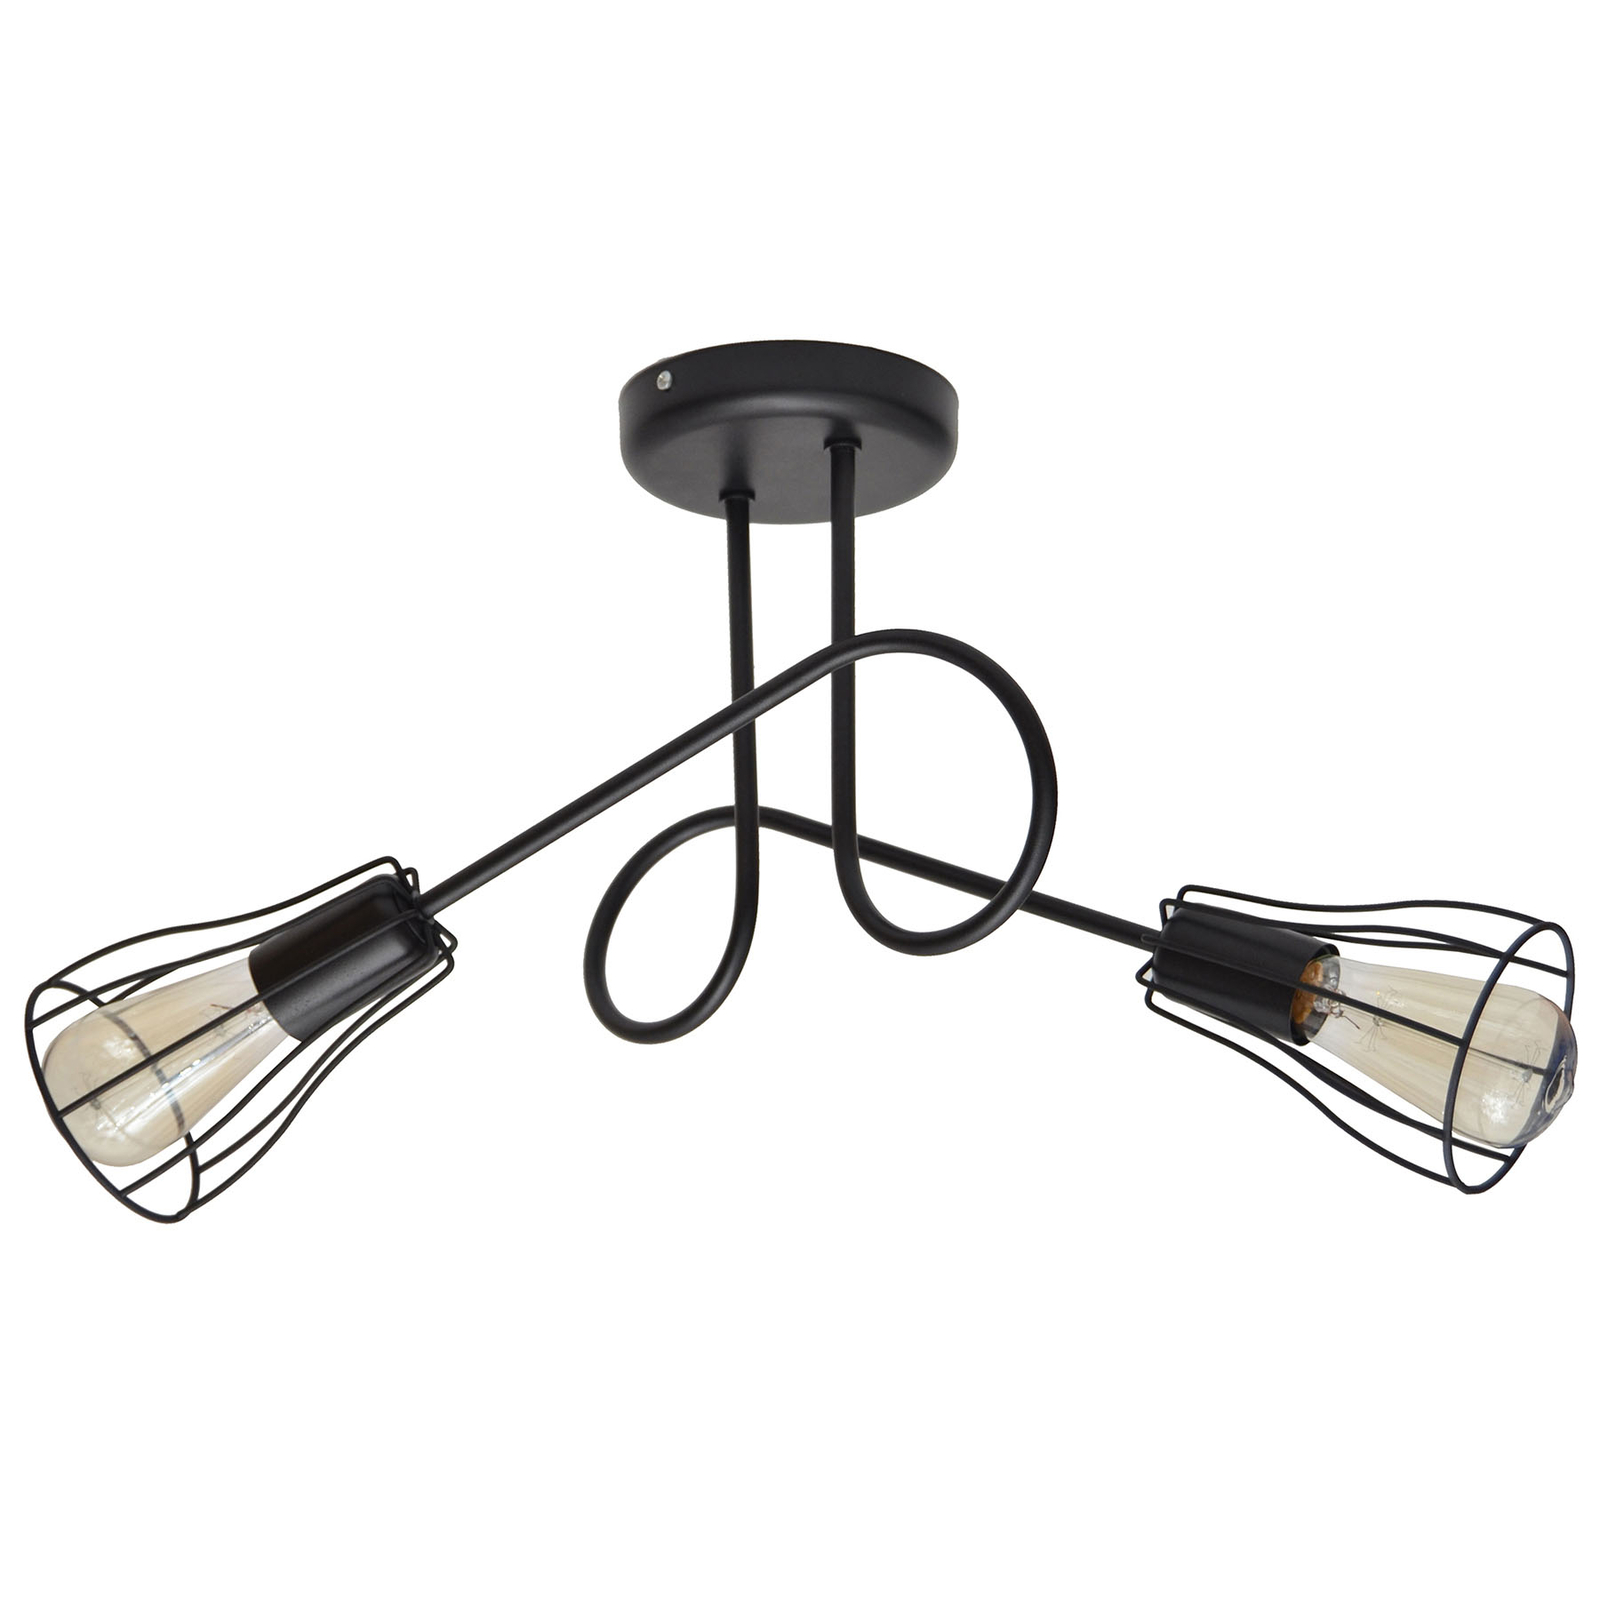 Deckenlampe Oxford 2fl. mit Käfigschirmen schwarz